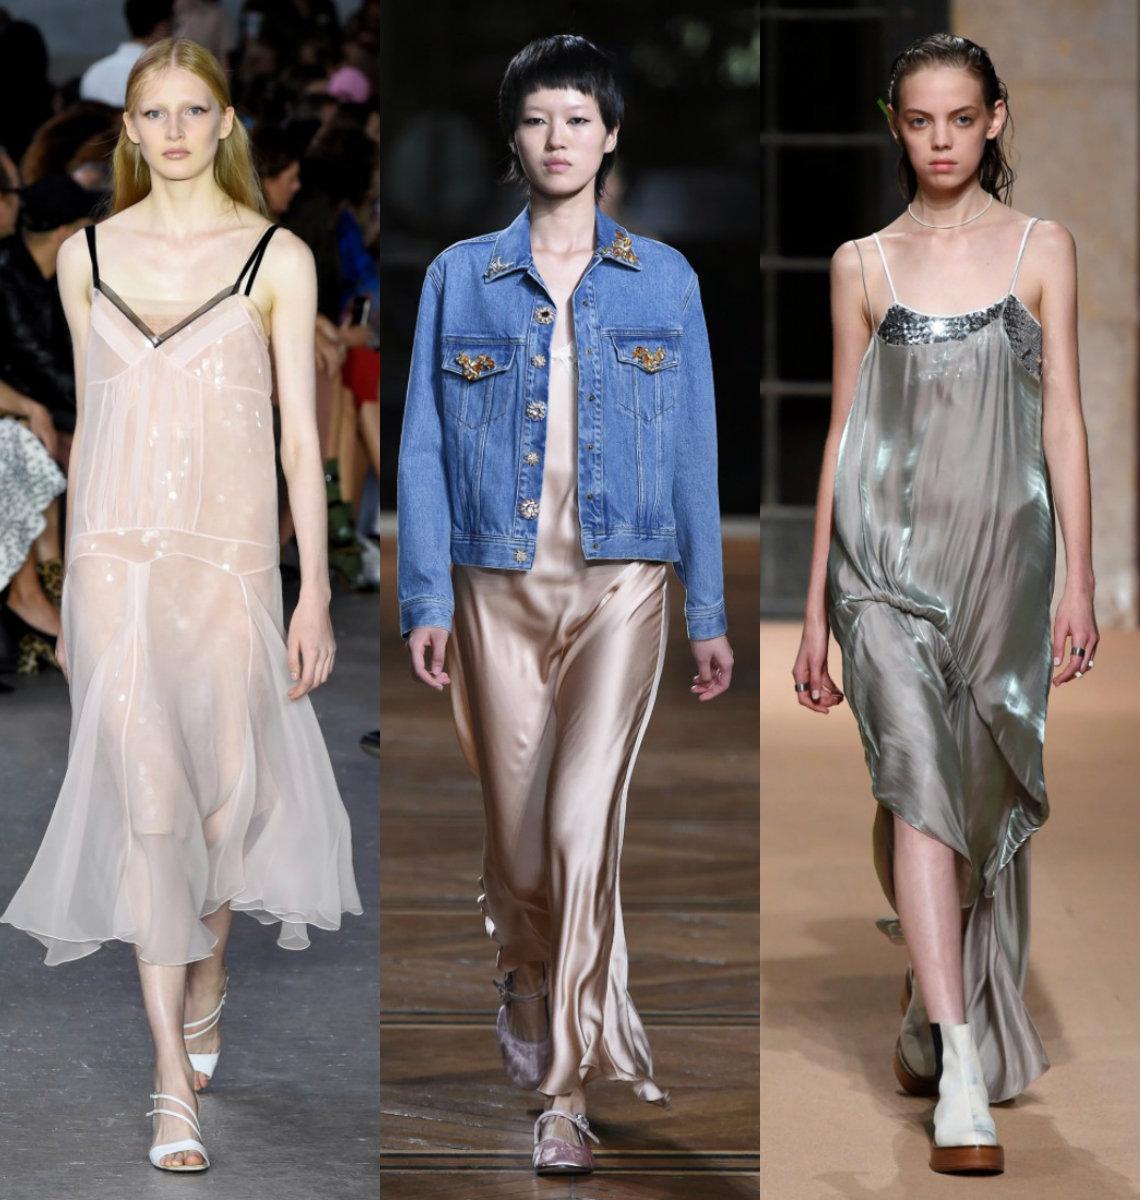 модные тенденции платьев 2018: бельеой стиль